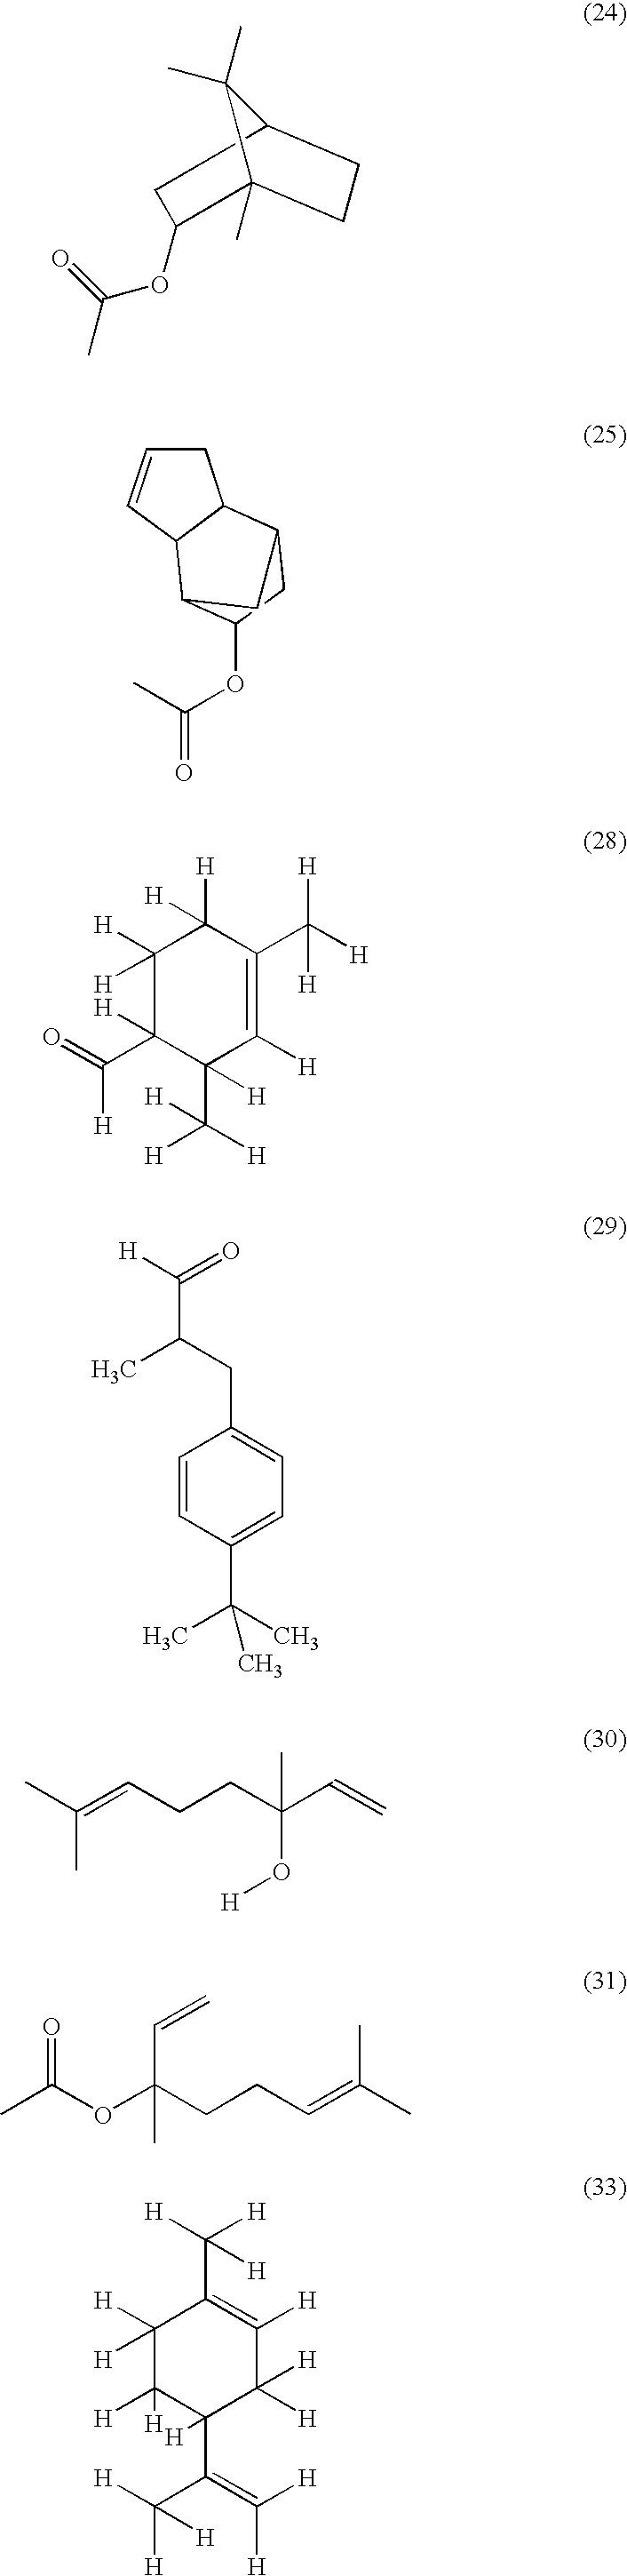 Figure US20070042149A1-20070222-C00004